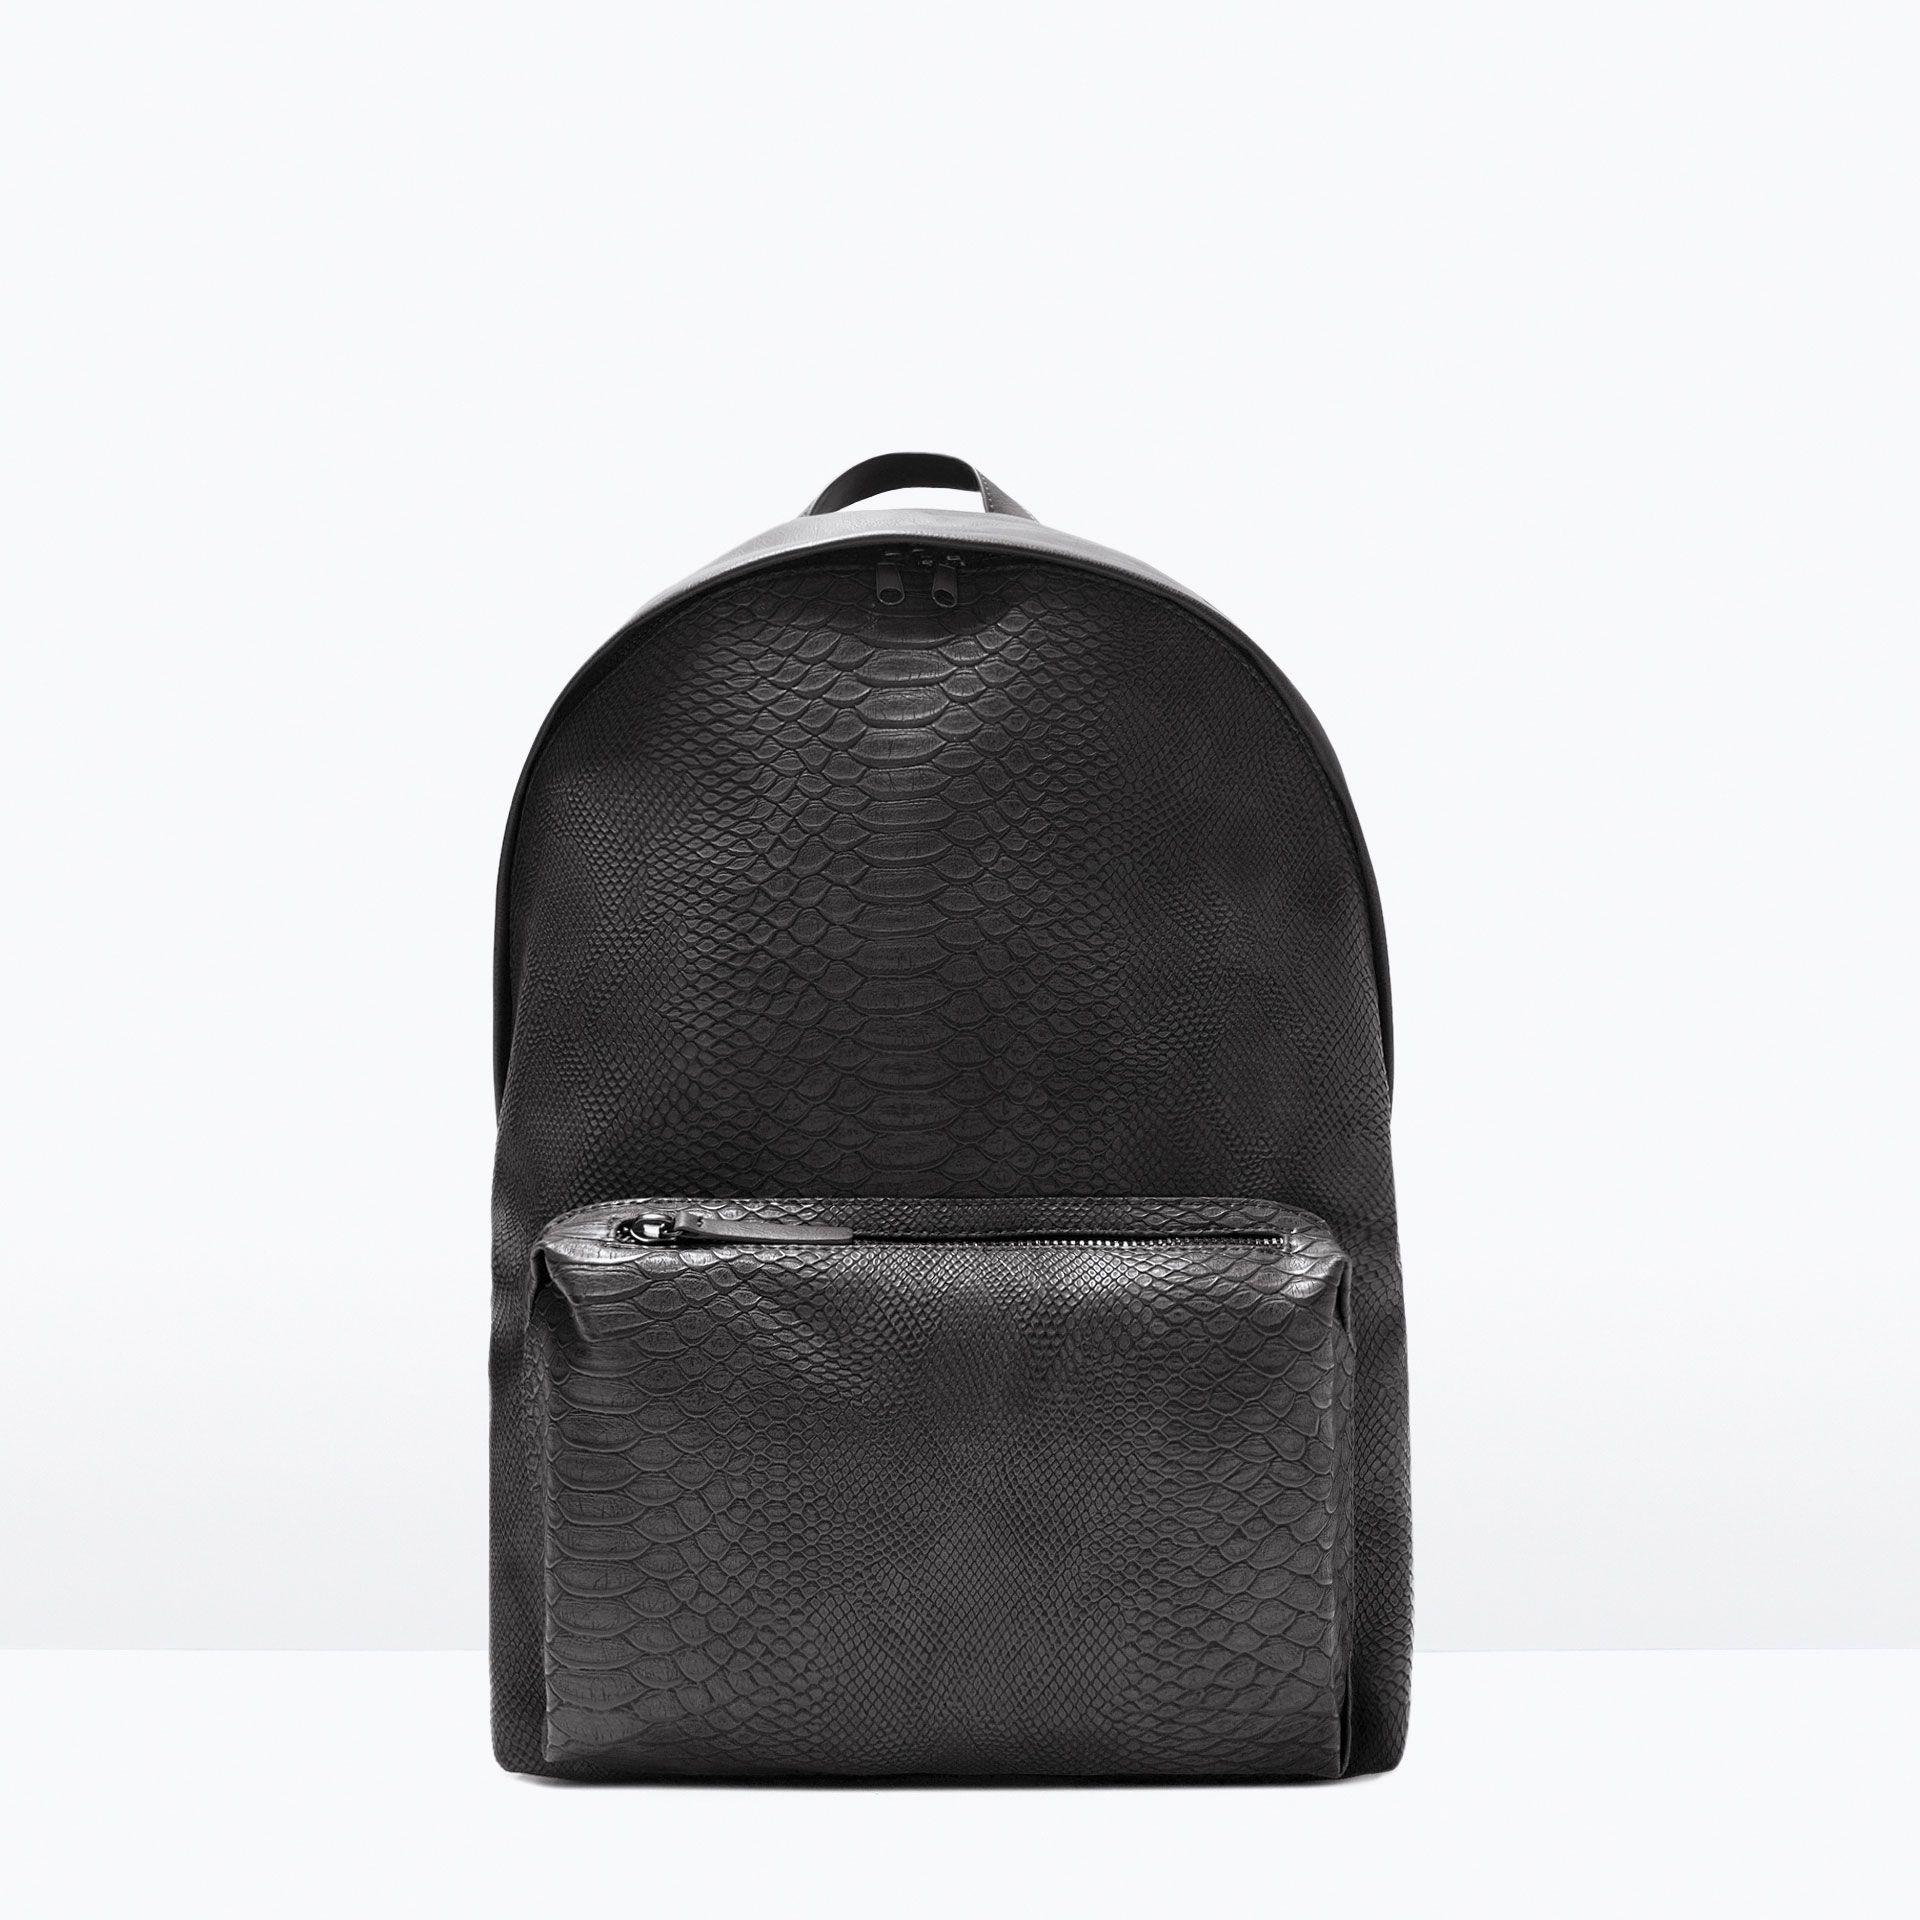 1d2df41c13 ZAINO CON INCISIONI - Viaggio - Borse - UOMO | ZARA Italia | Leather ...